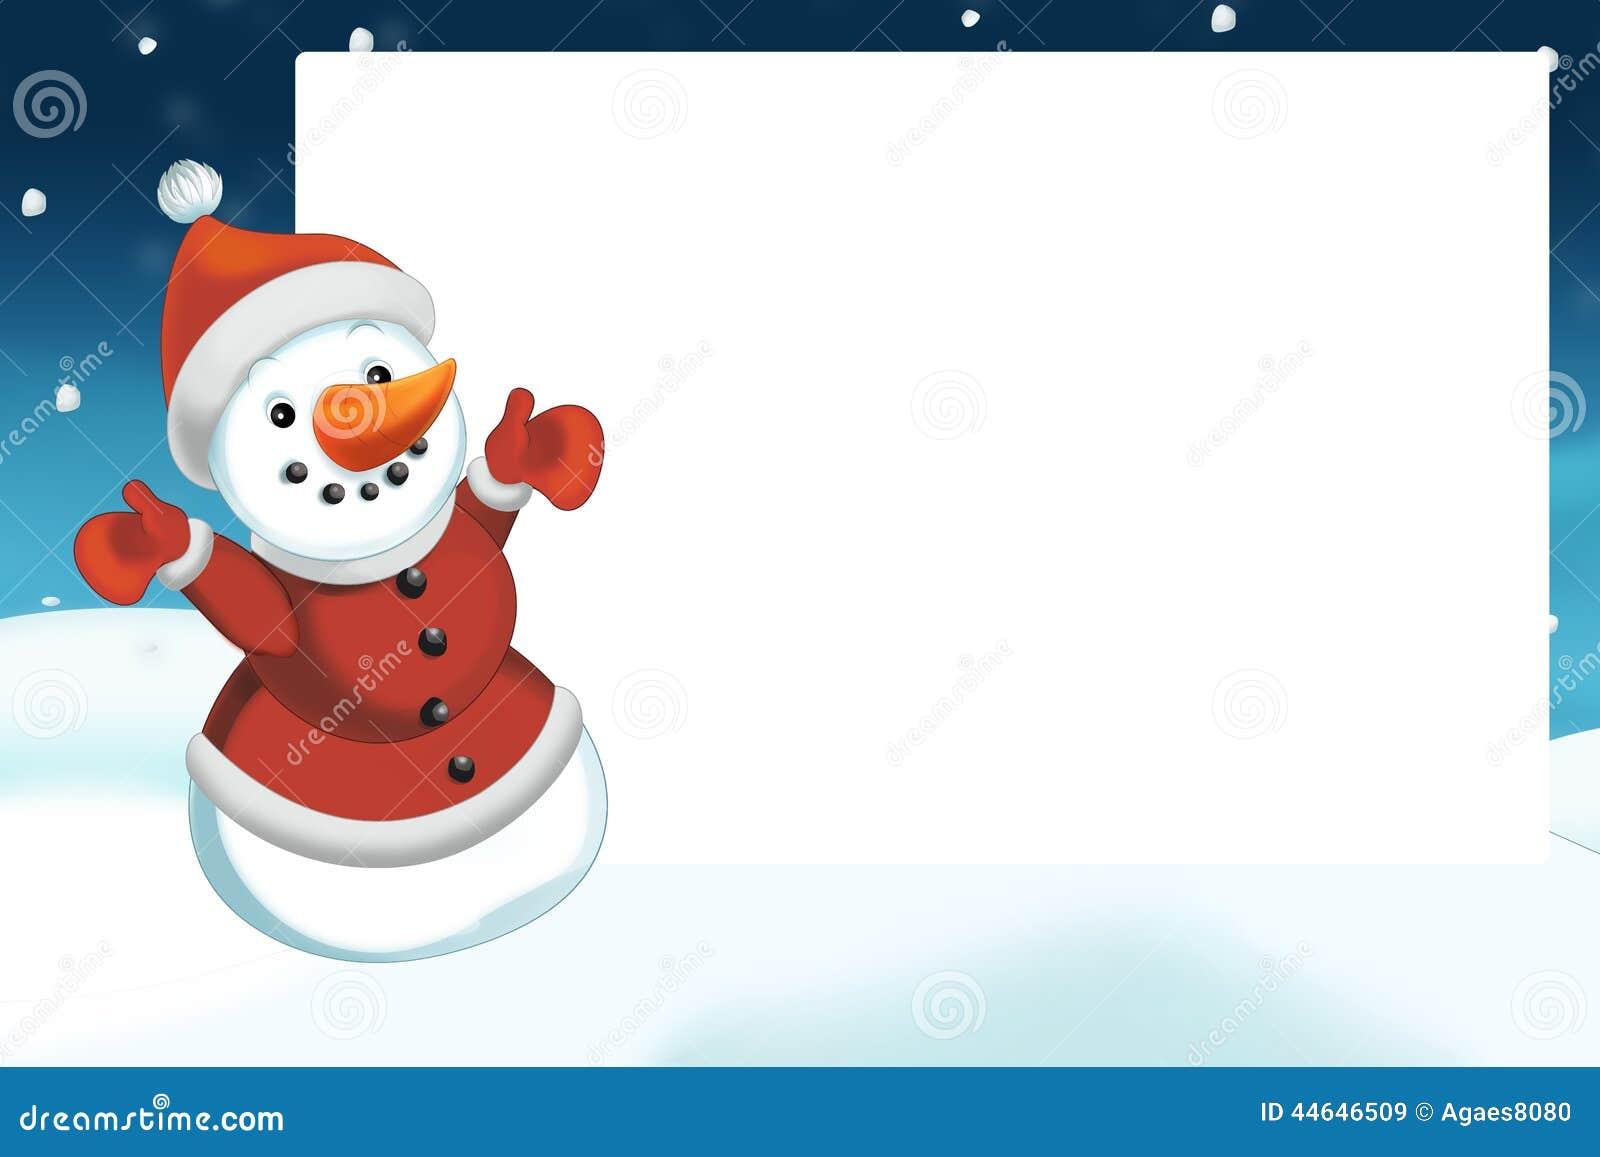 Weihnachtsszene Mit Schneemann - Rahmen Stock Abbildung ...